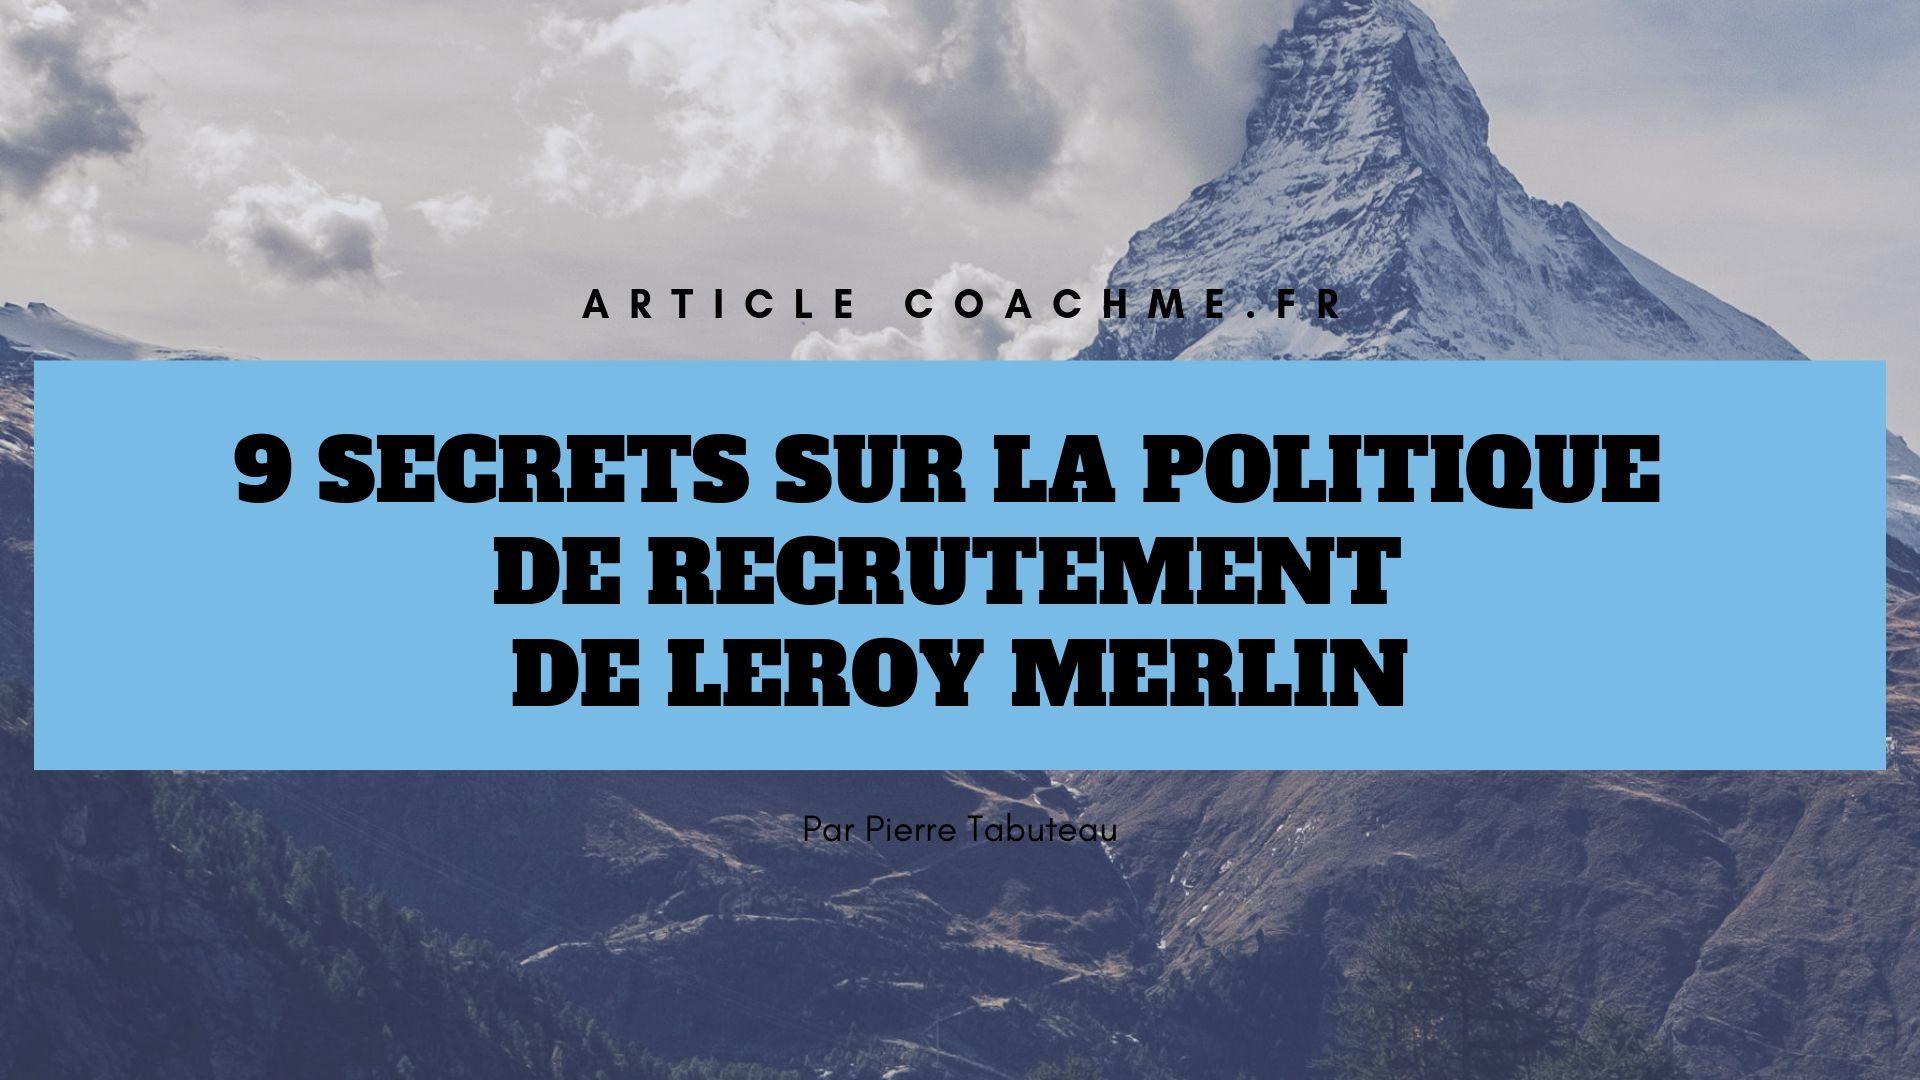 9 Secrets Sur La Politique De Recrutement De Leroy Merlin